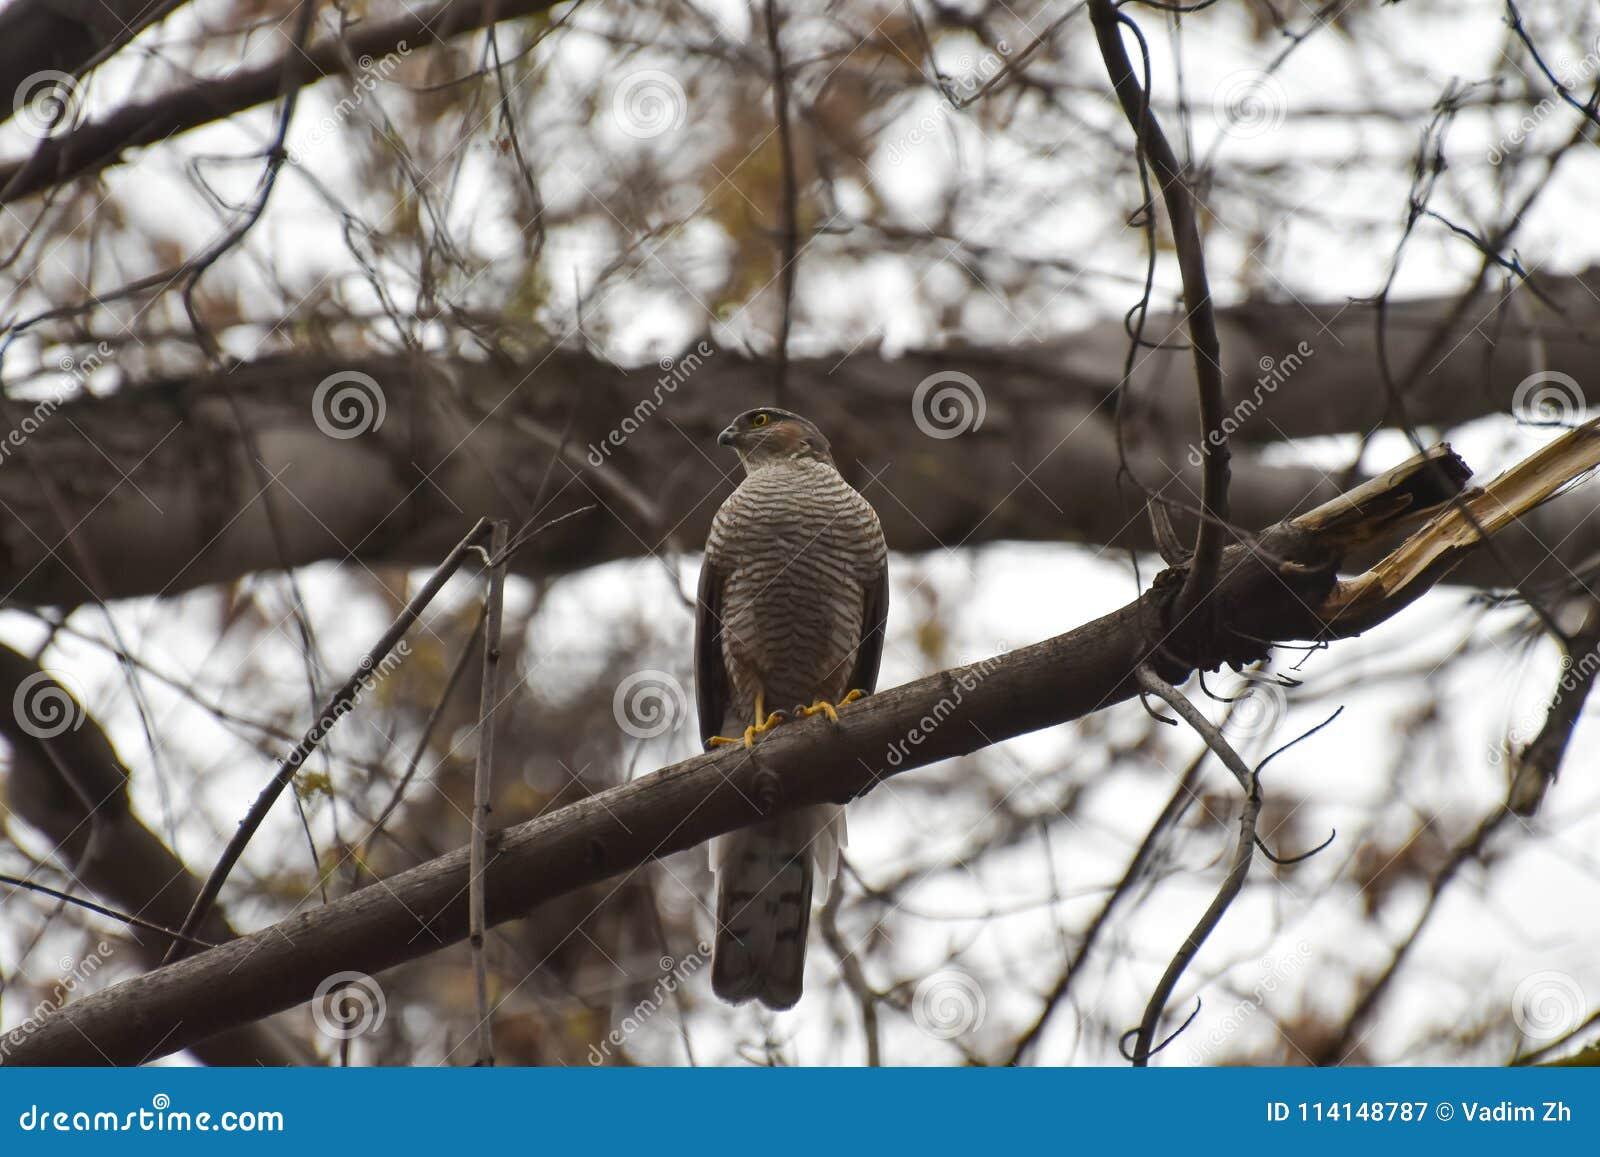 Αρπακτικό πουλί, που κάθεται σε ένα δέντρο